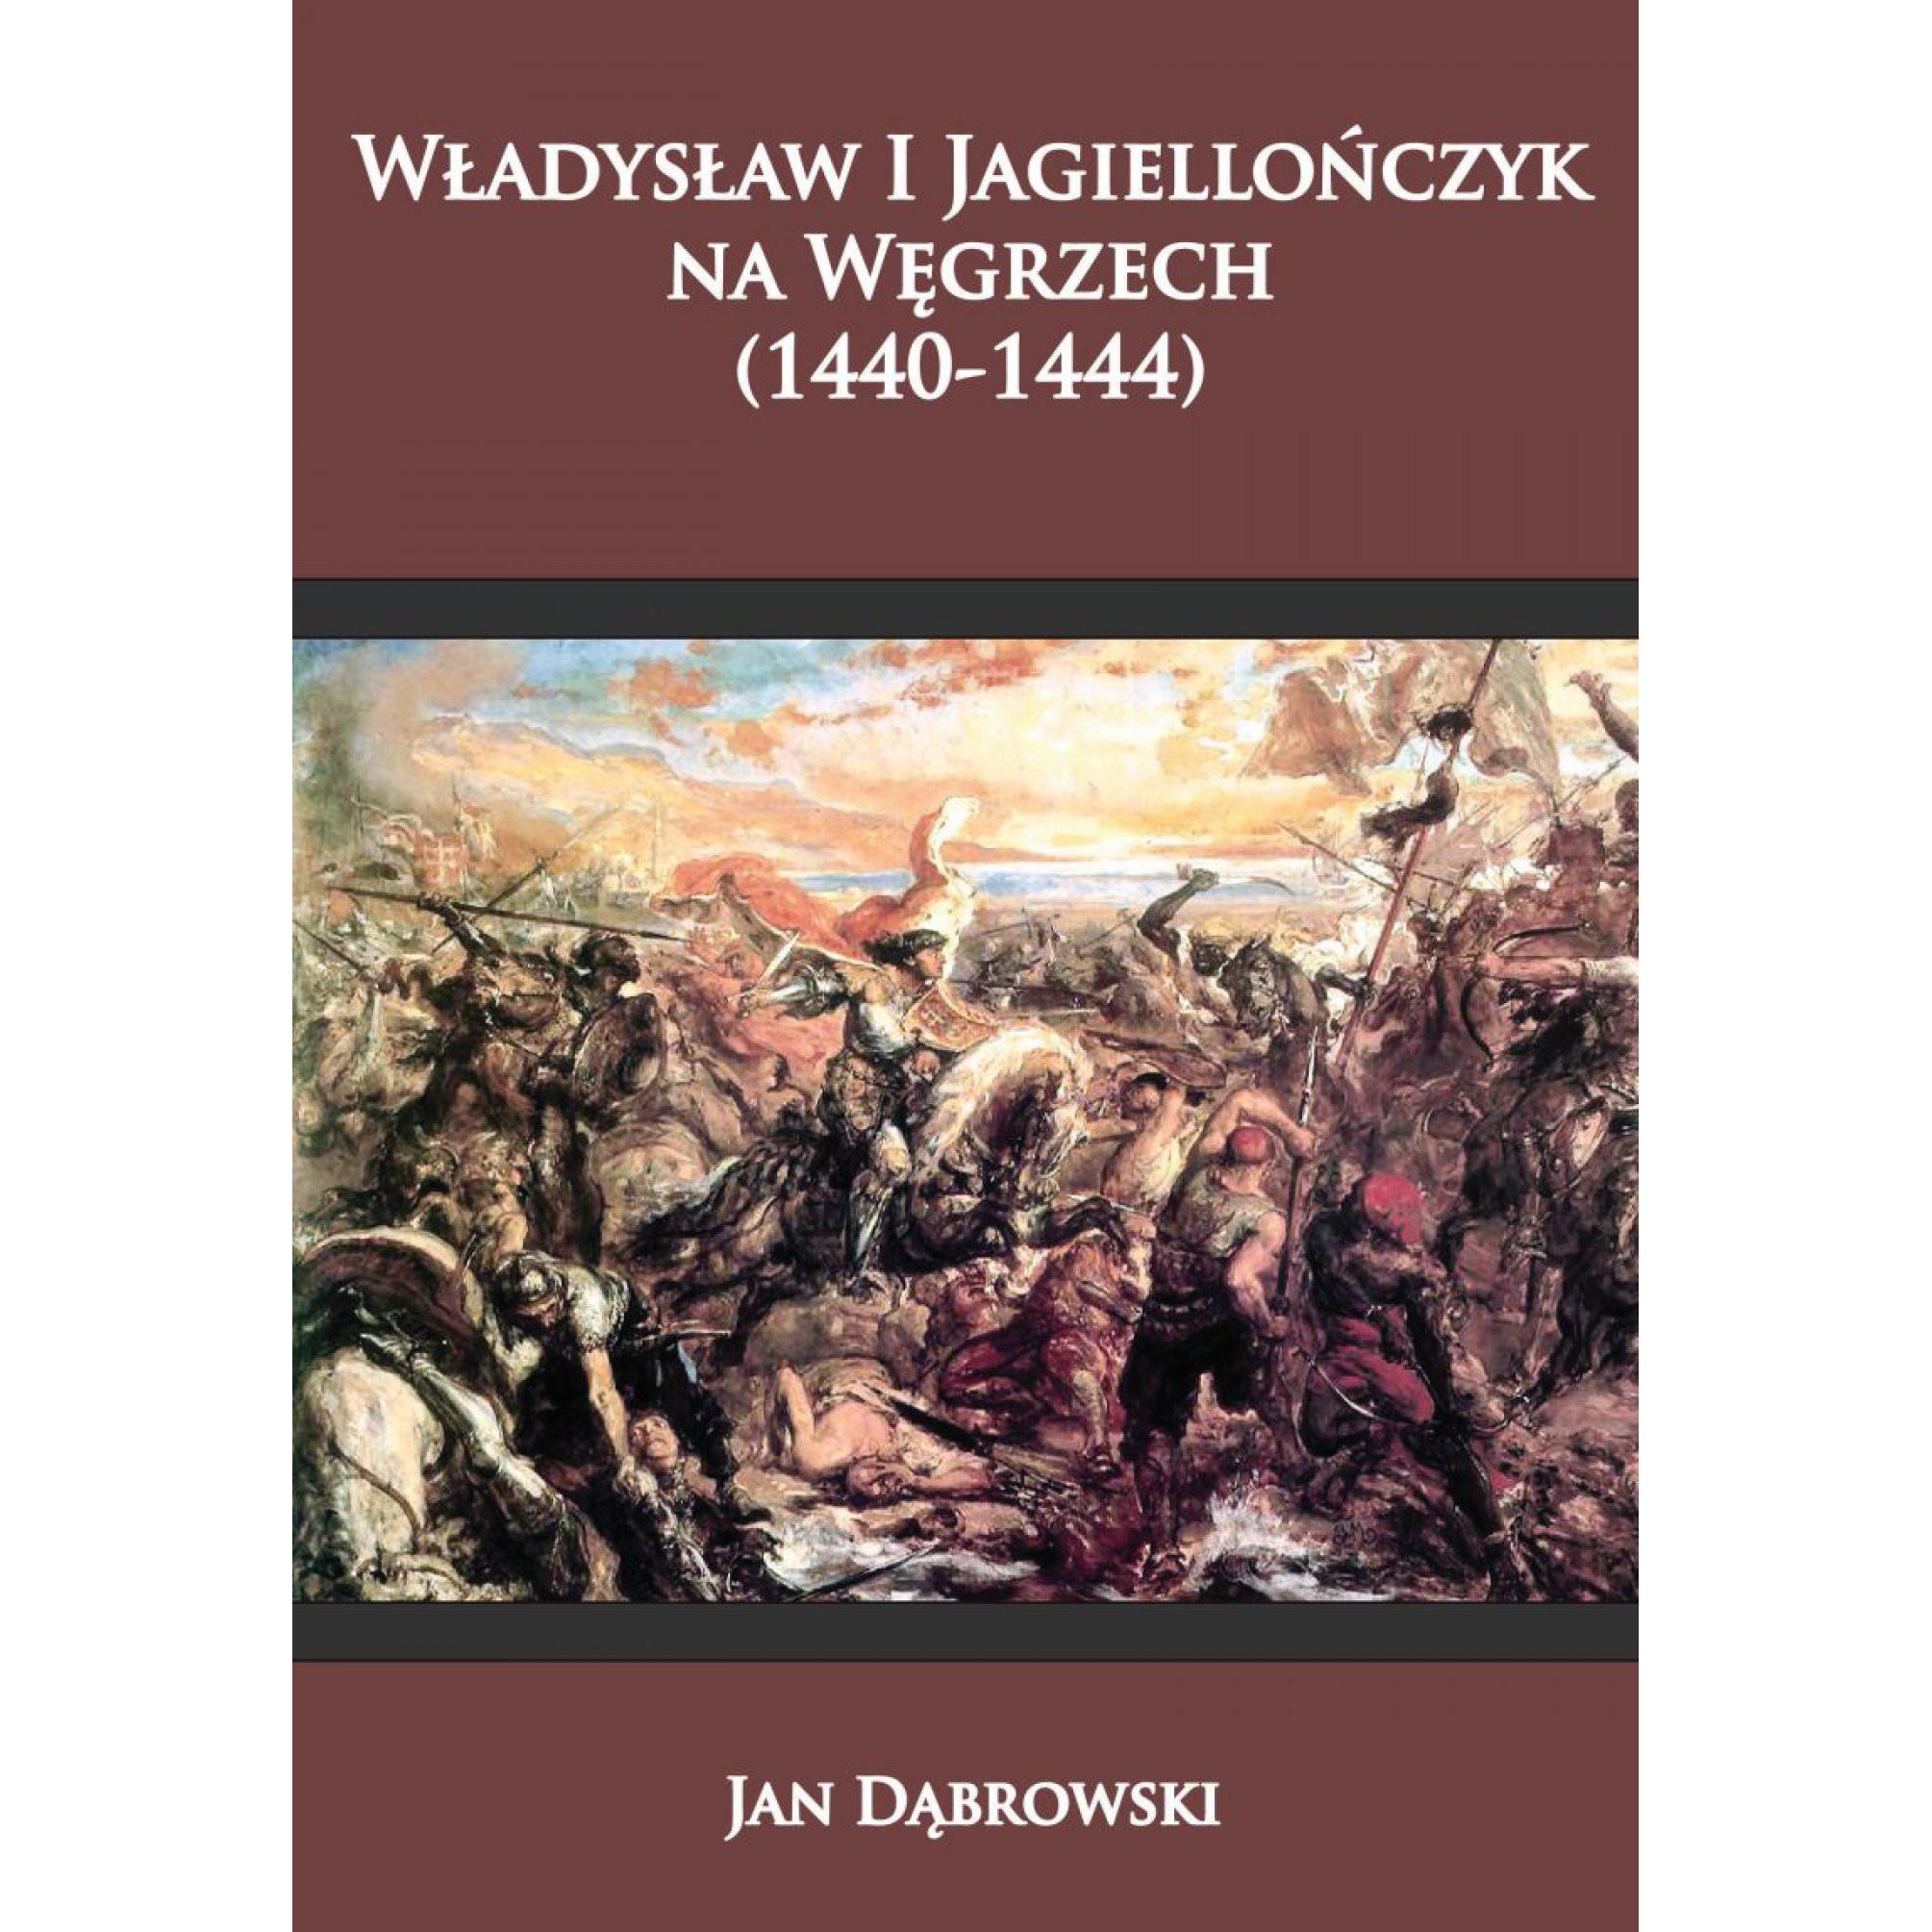 Władysław I Jagiellończyk na Węgrzech (1440-1444)